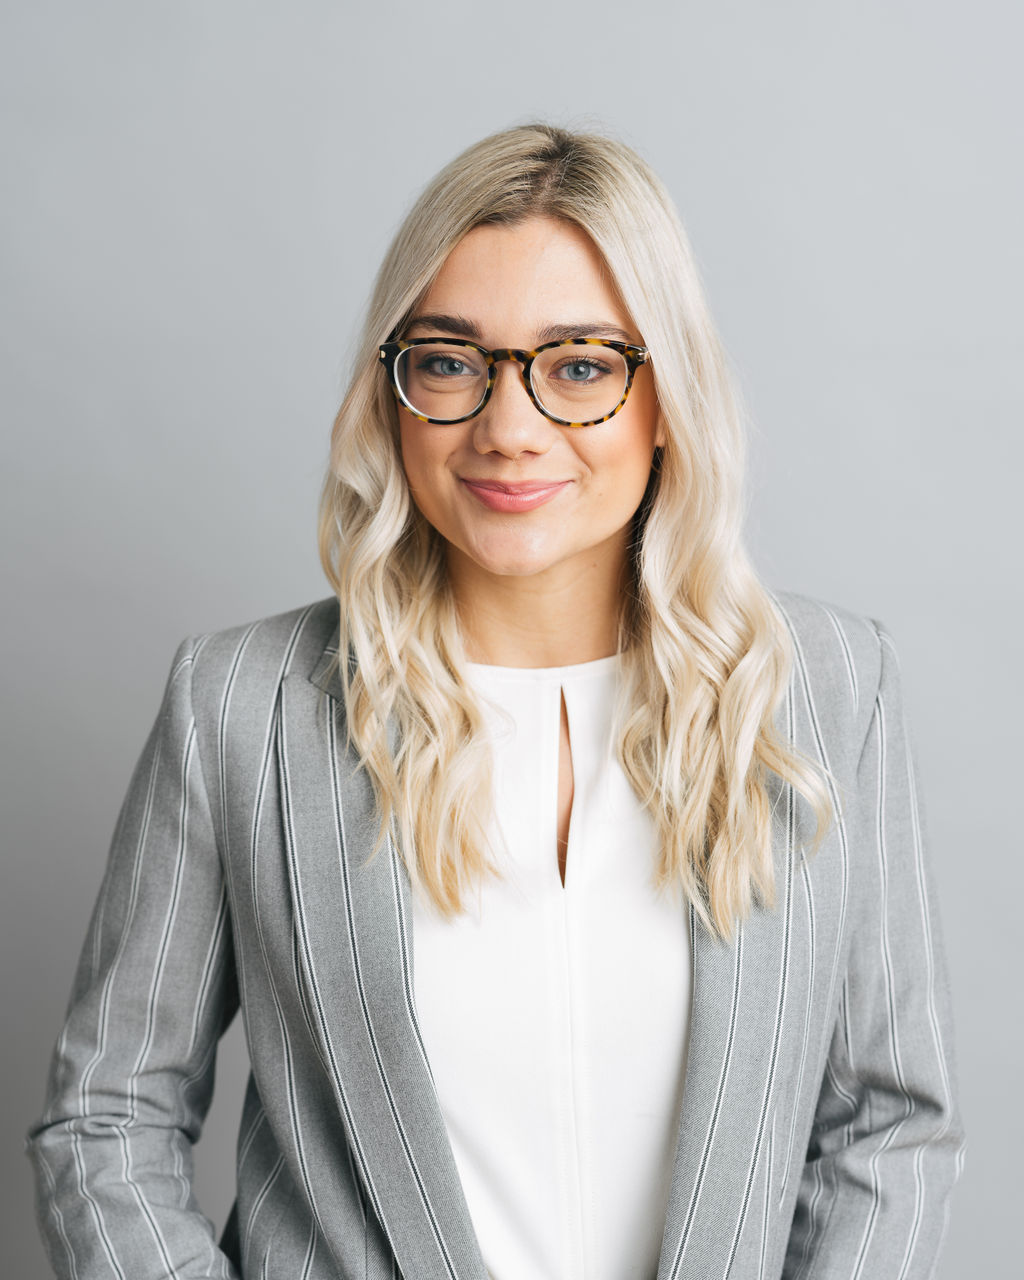 Rebekah Brewer  CEO of Utah Women in Sales  Regional Sales Manager at Lucid